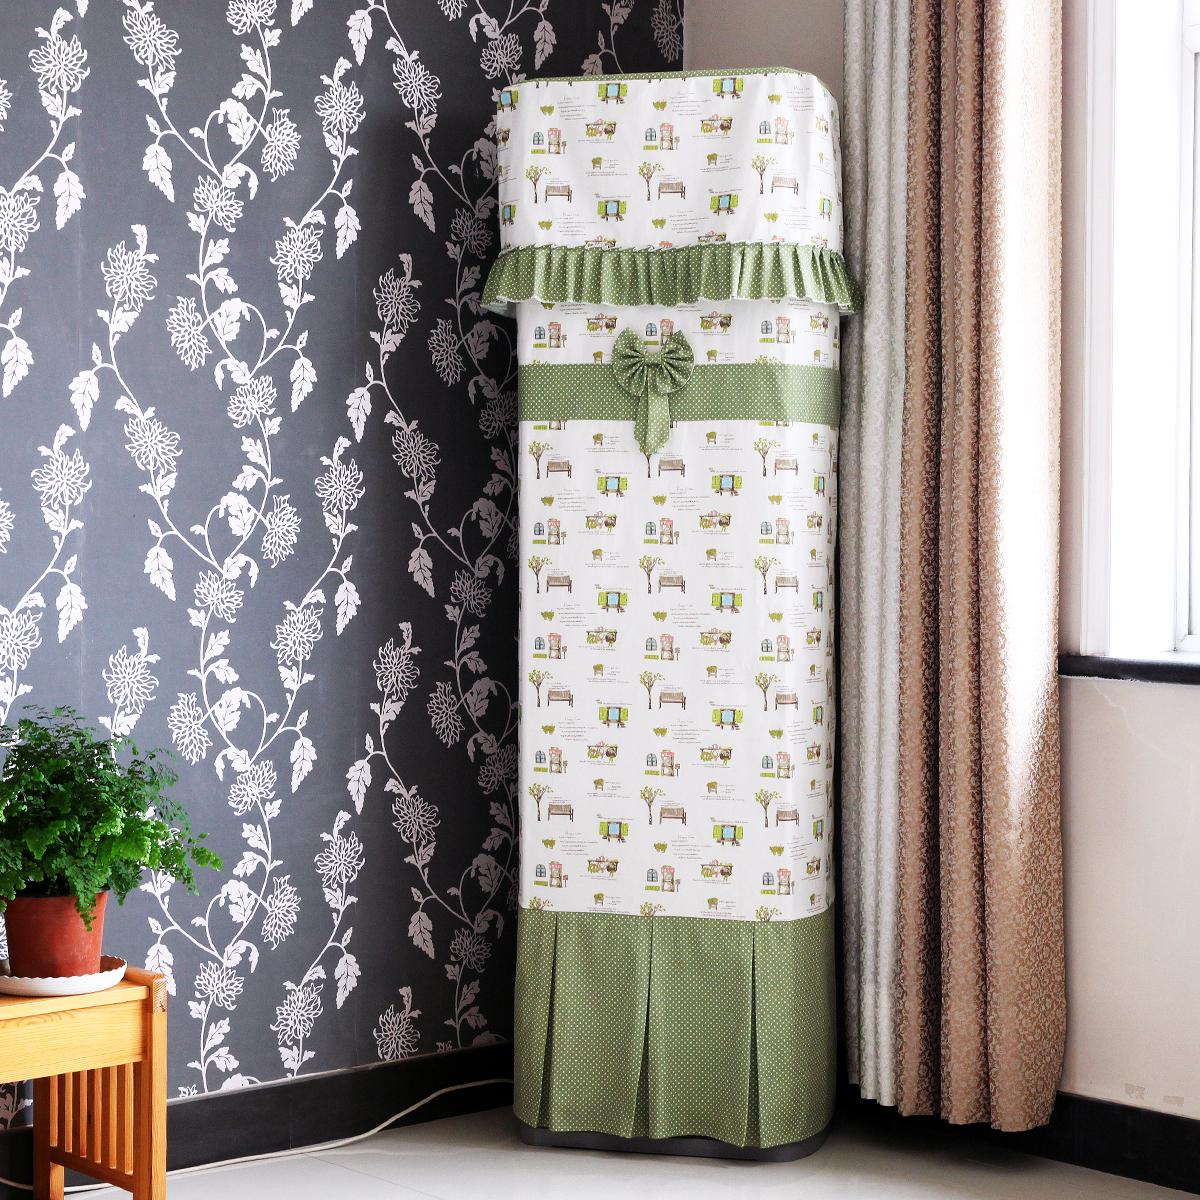 Klimaanlage, Decken die klimaanlagen - Reihe Kabinett Kabinett, klimaanlage, Decken GREE - stoff nicht auf die Reihe zu schicken.